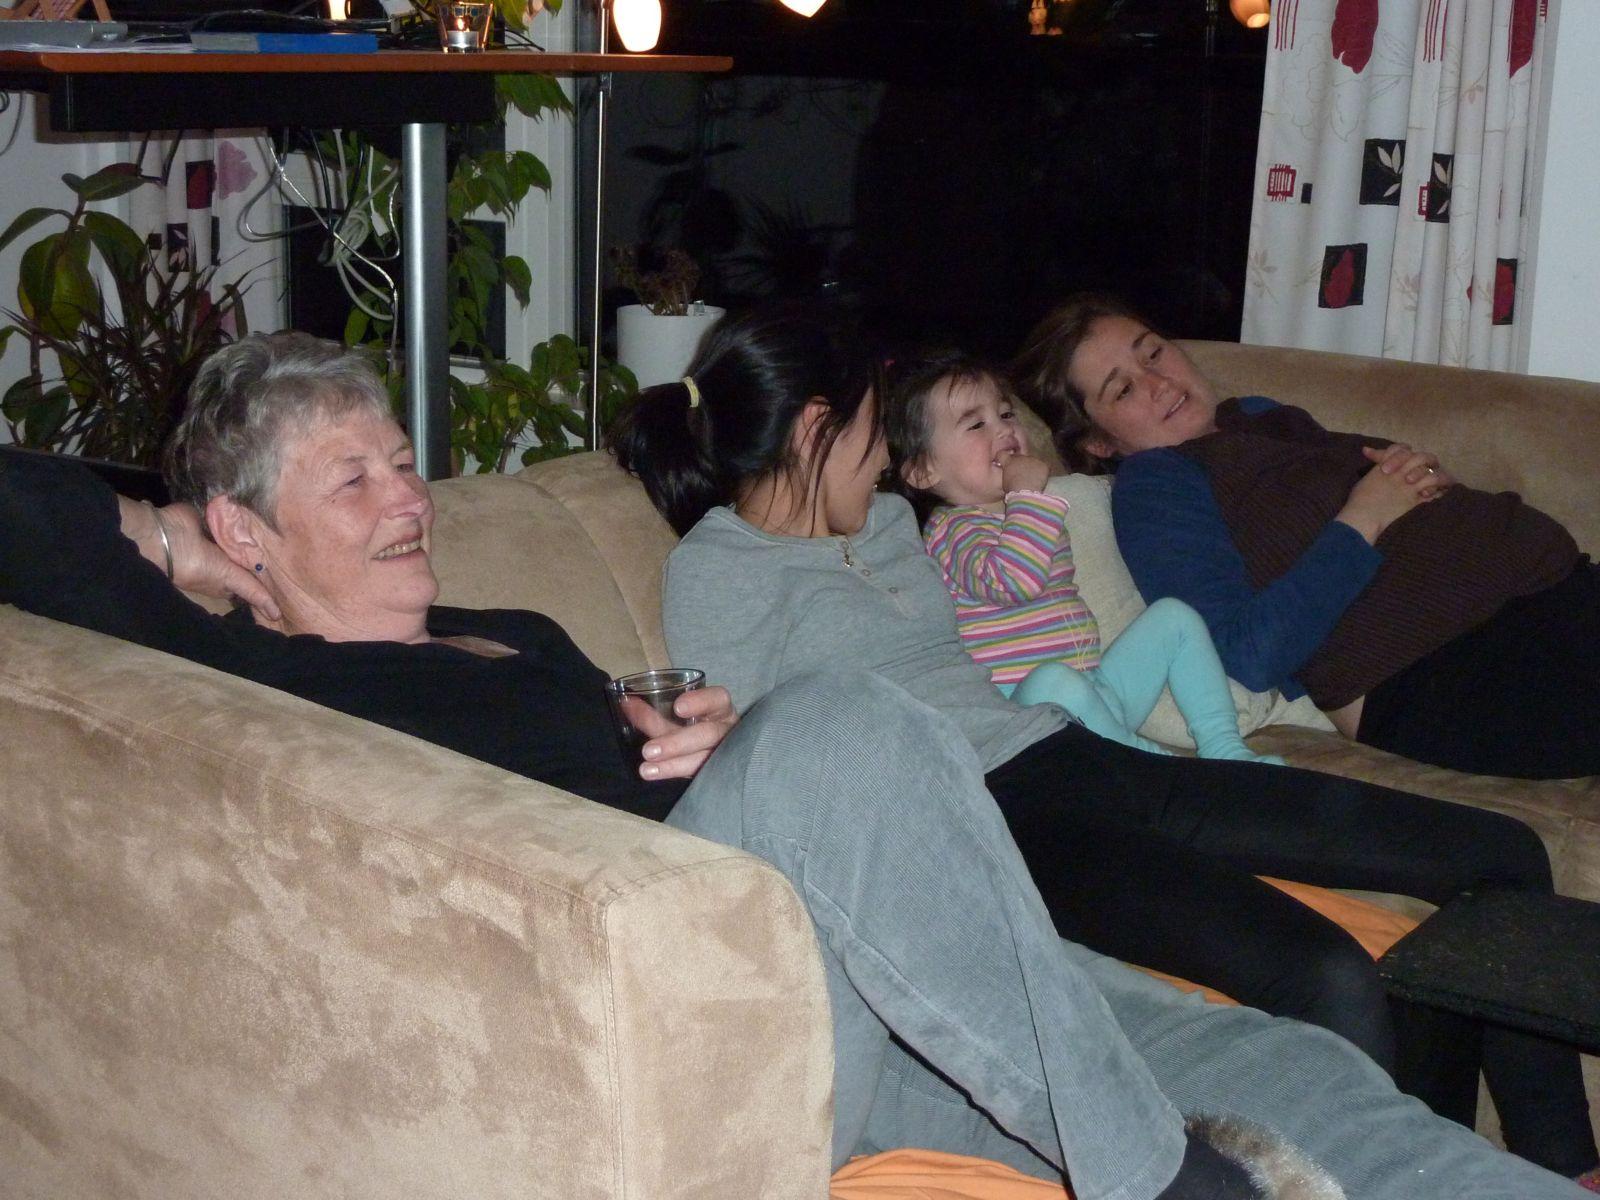 2010-10-07-1949_-_Arnannguaq Labansen; Maritha Eugenius Labansen; Qupanuk Eugenius Labansen; Ruth Labansen